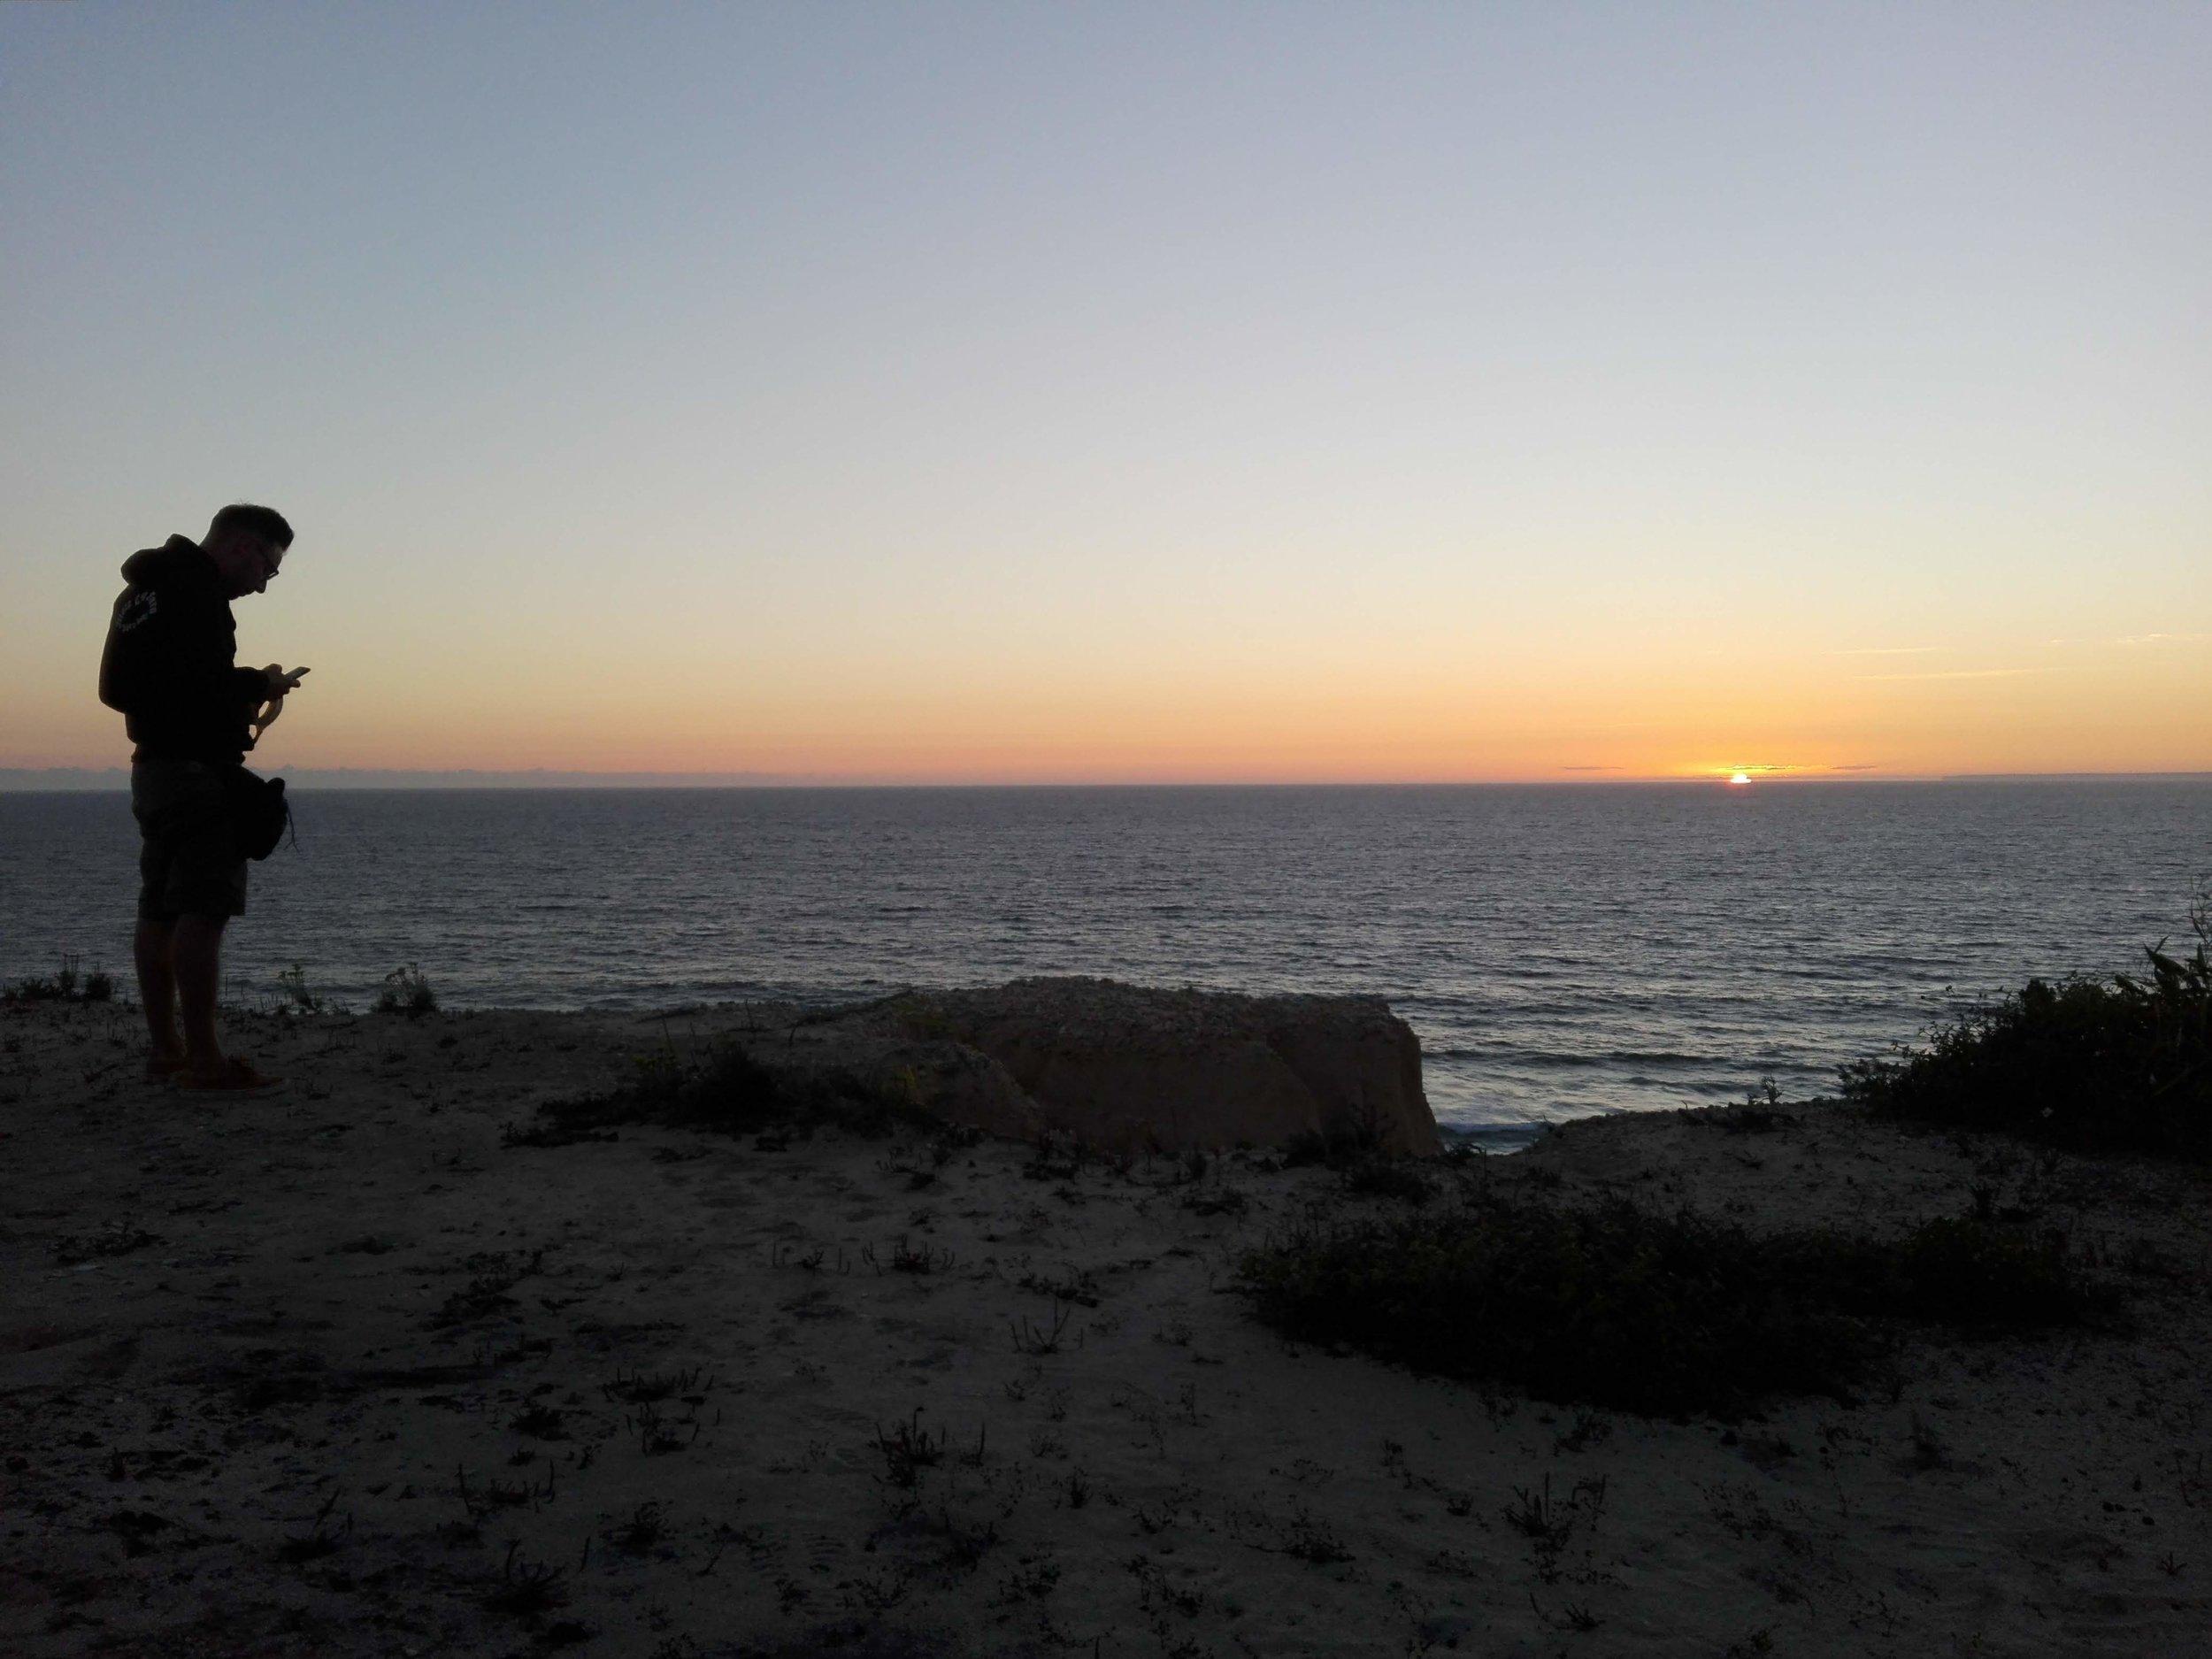 praiadagale.jpg